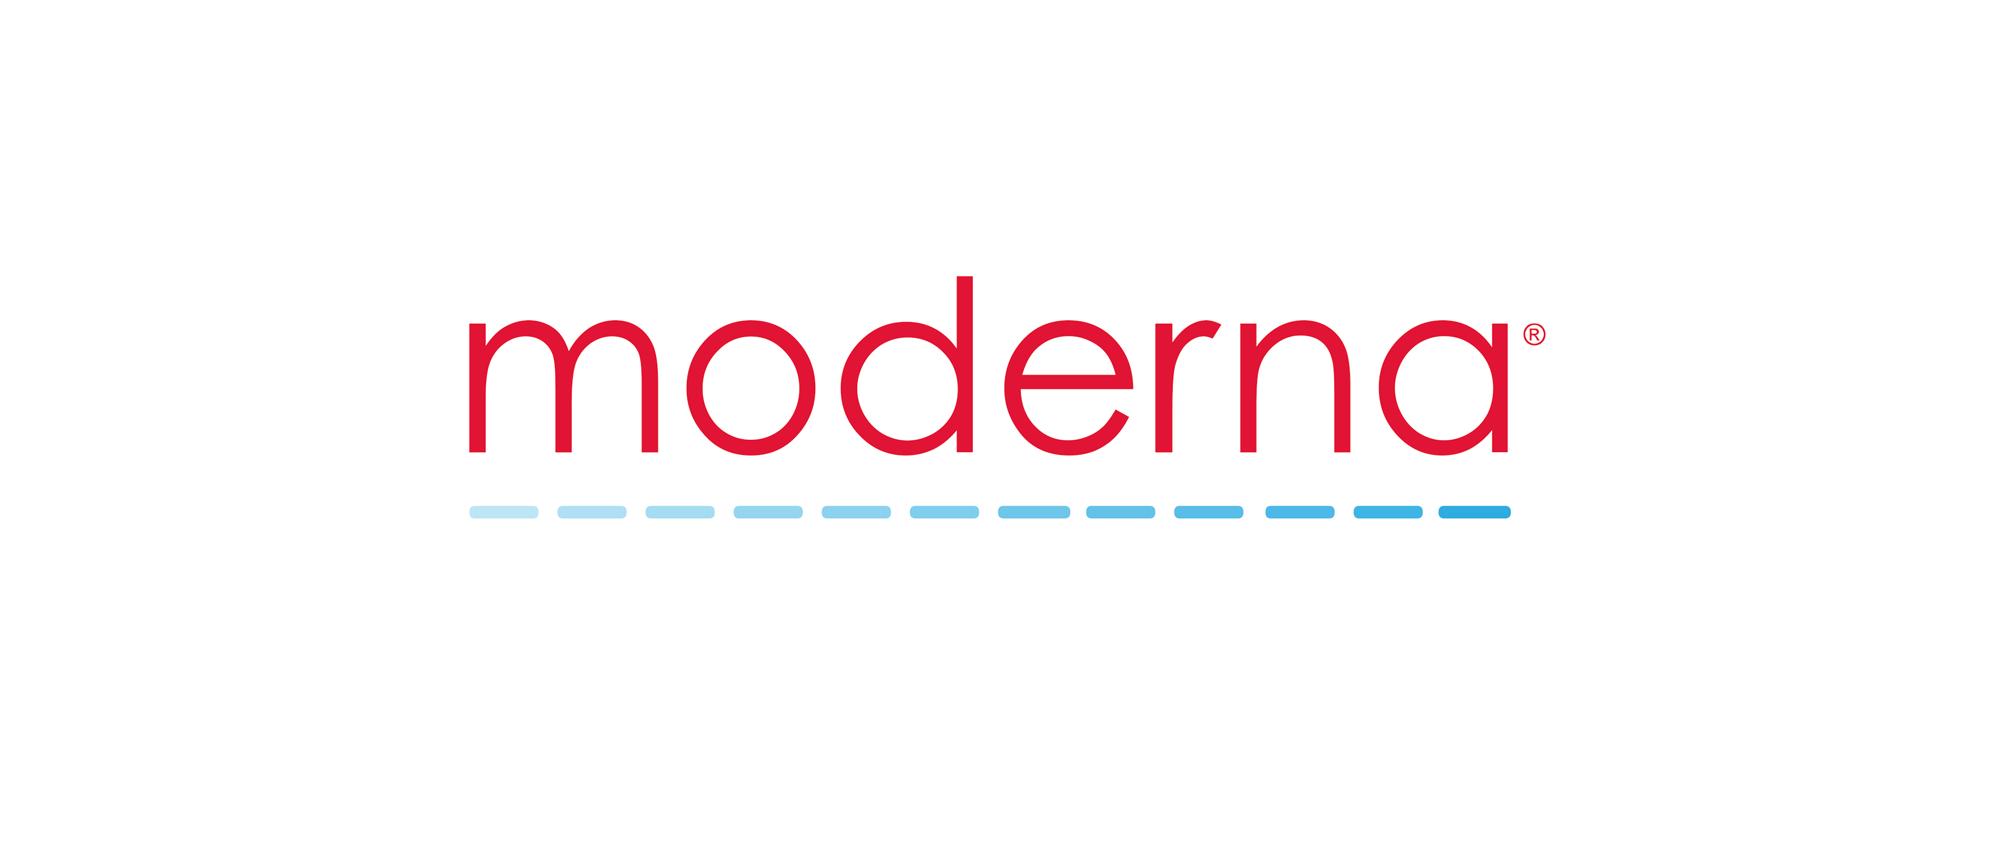 «Модерна» (Moderna).